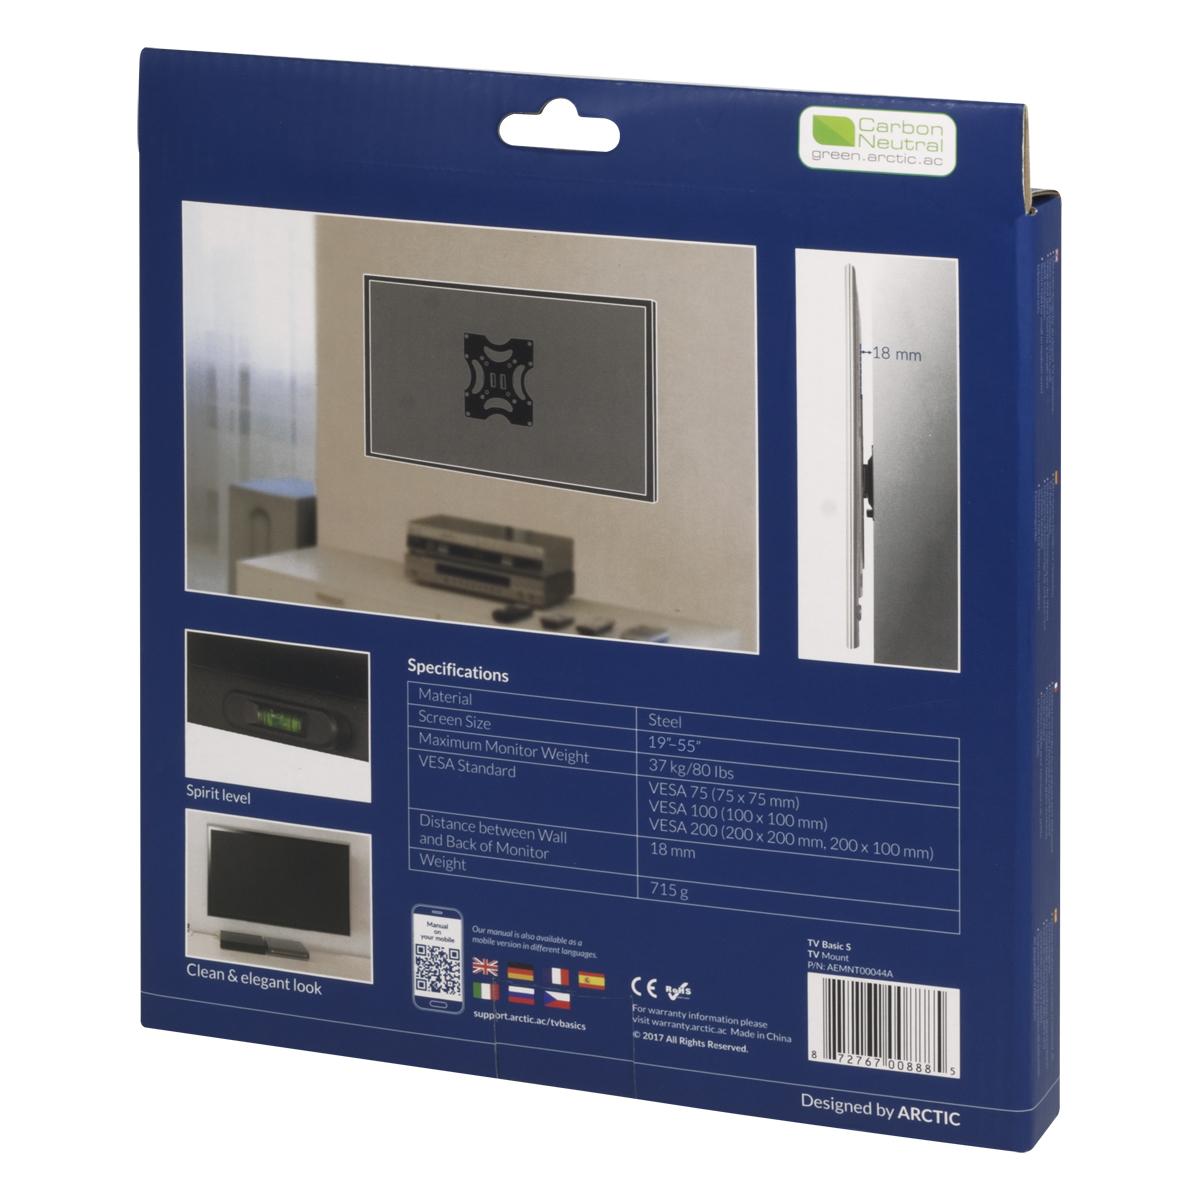 Flache TV-Wandhalterung ARCTIC TV Basic S Produktverpackung Rückansicht